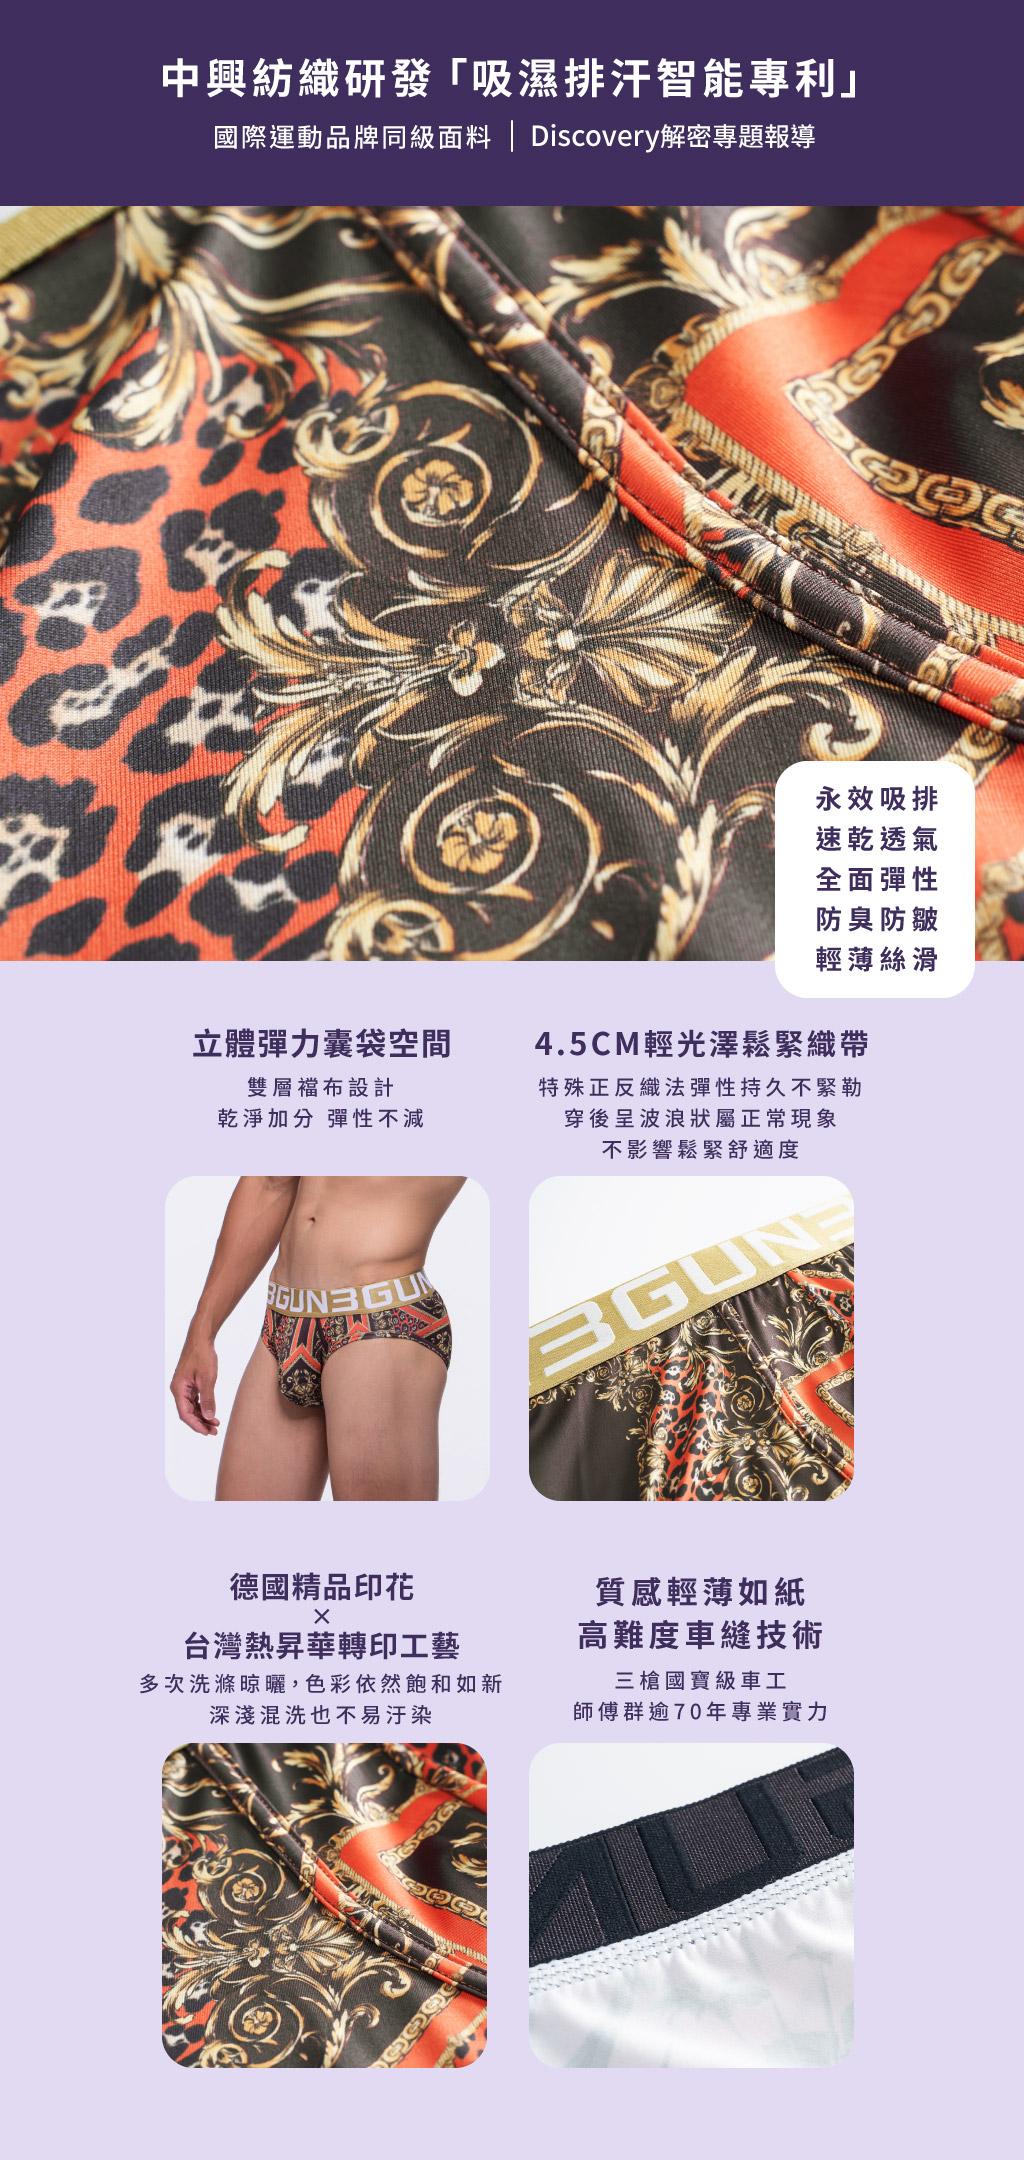 皇室男永效吸排平口褲-限量印花-3GUN  男性時尚內衣褲MIT品牌